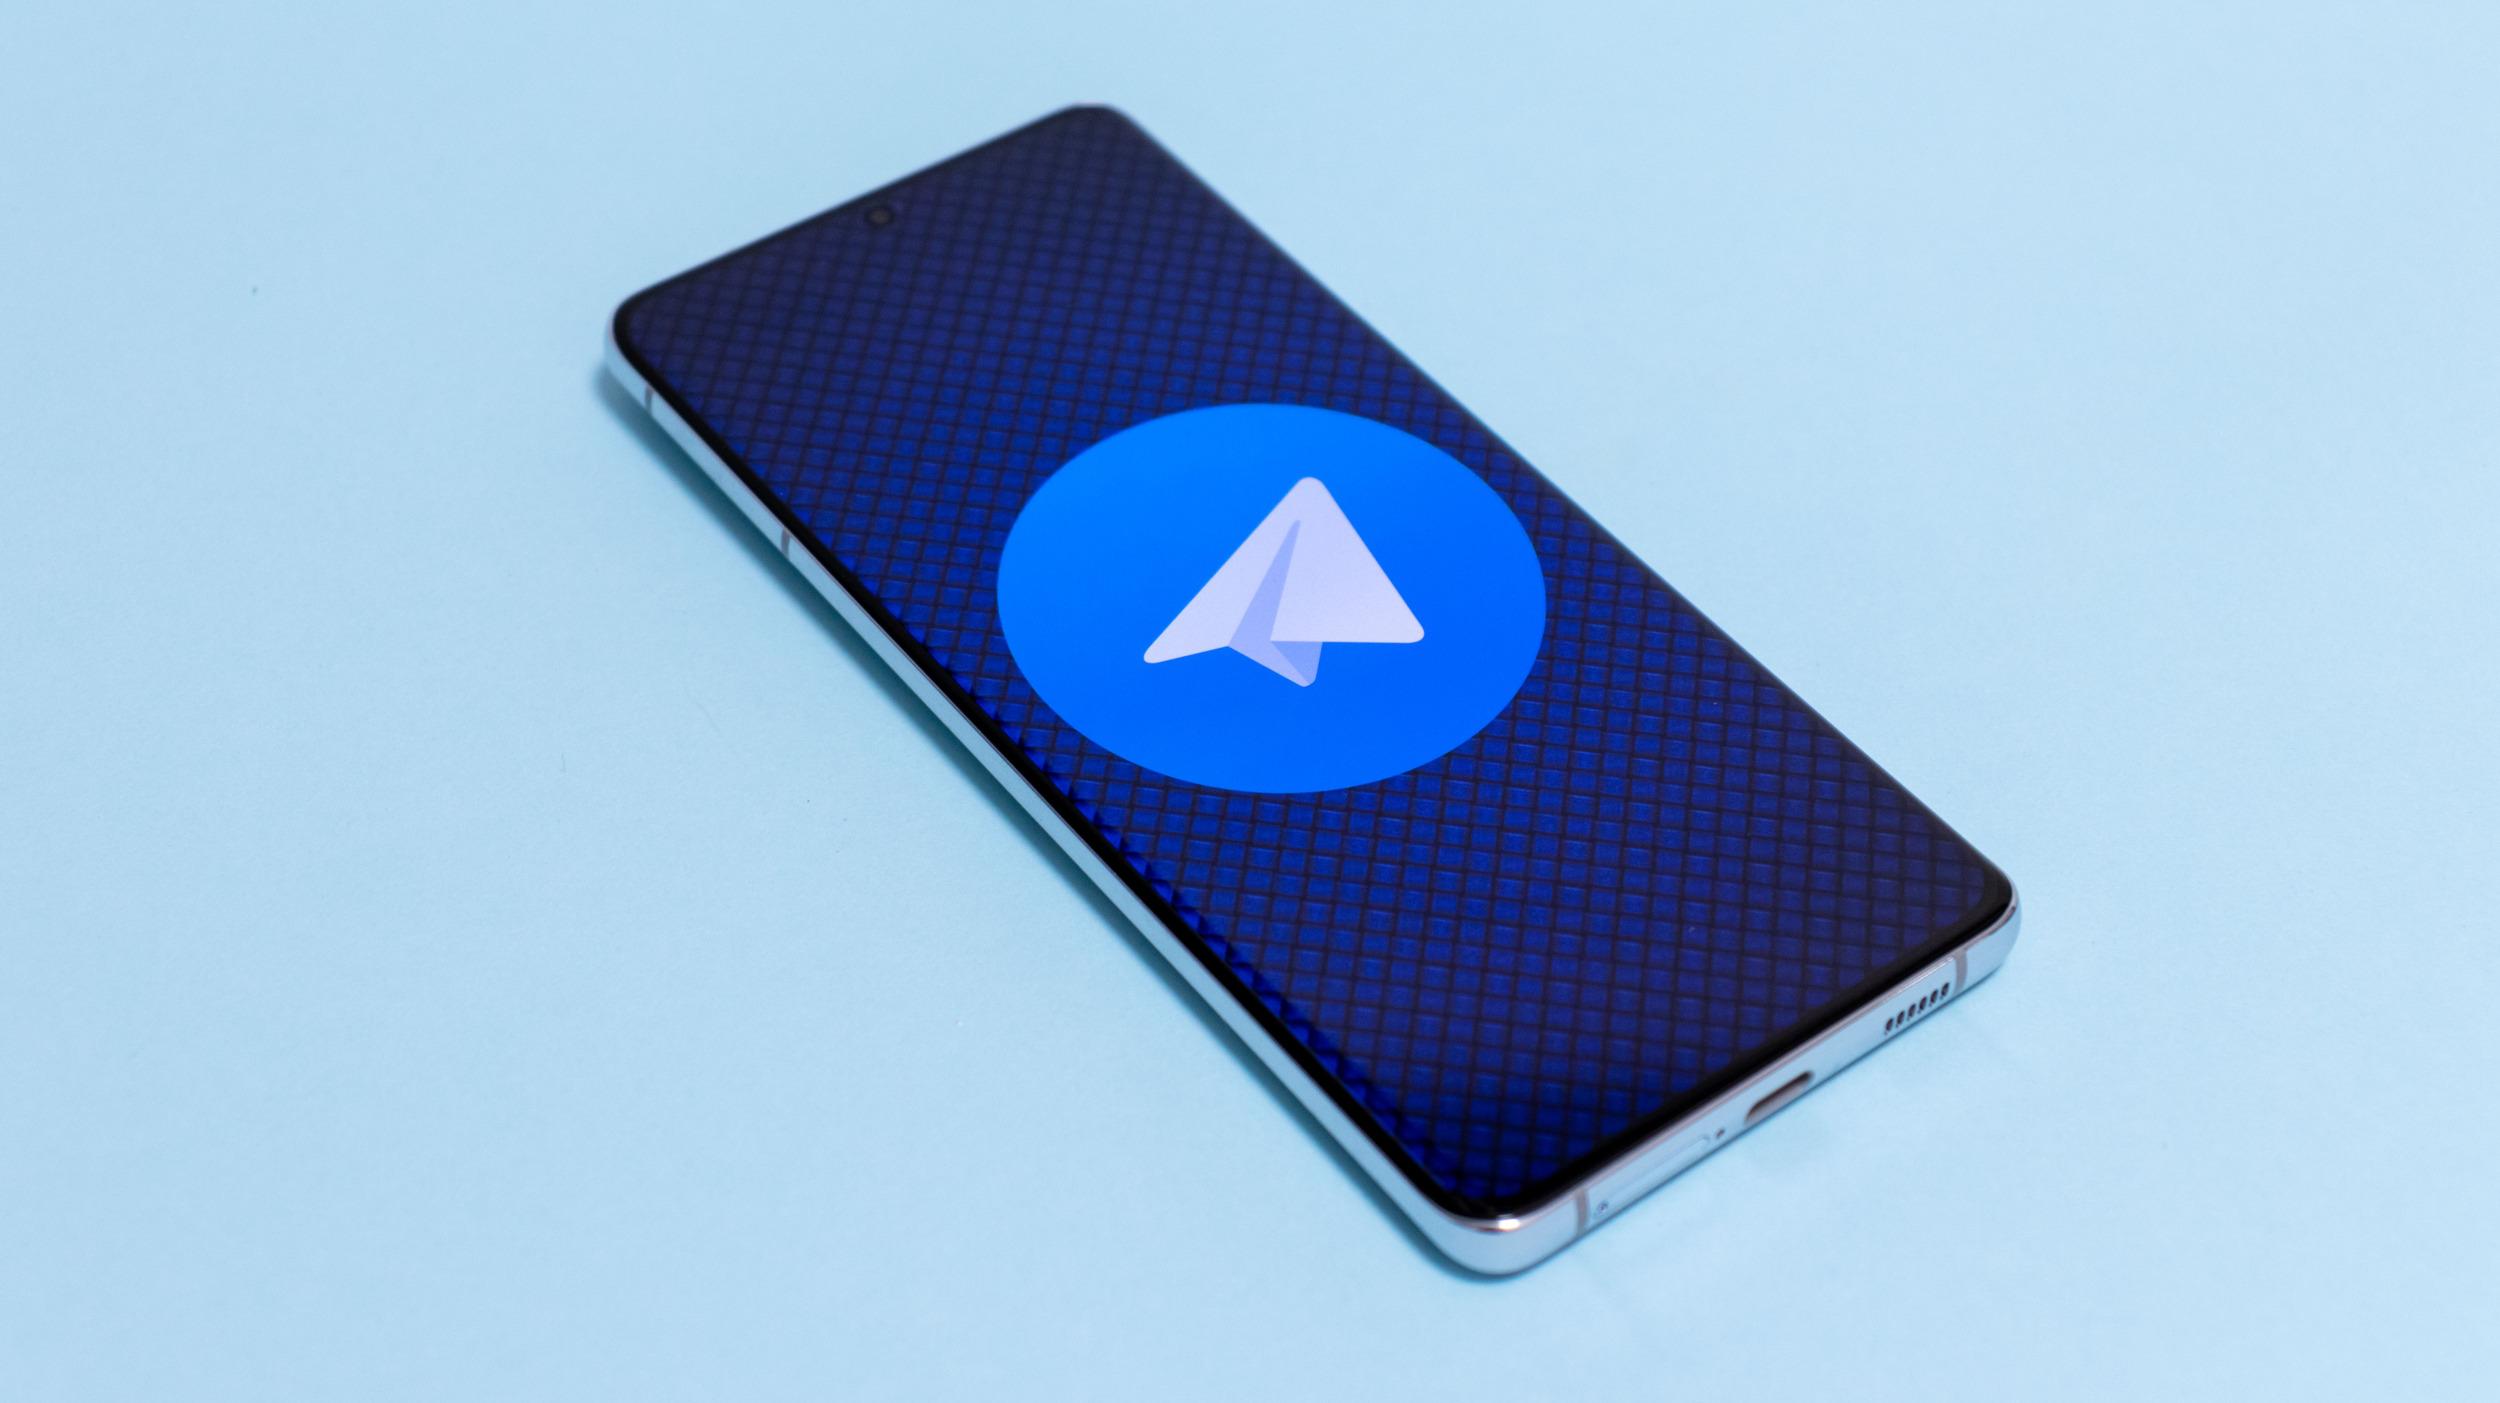 Telegram pracuje na dvou verzích webové aplikace, nabídnou moderní rozhraní a podporu mnoha funkcí